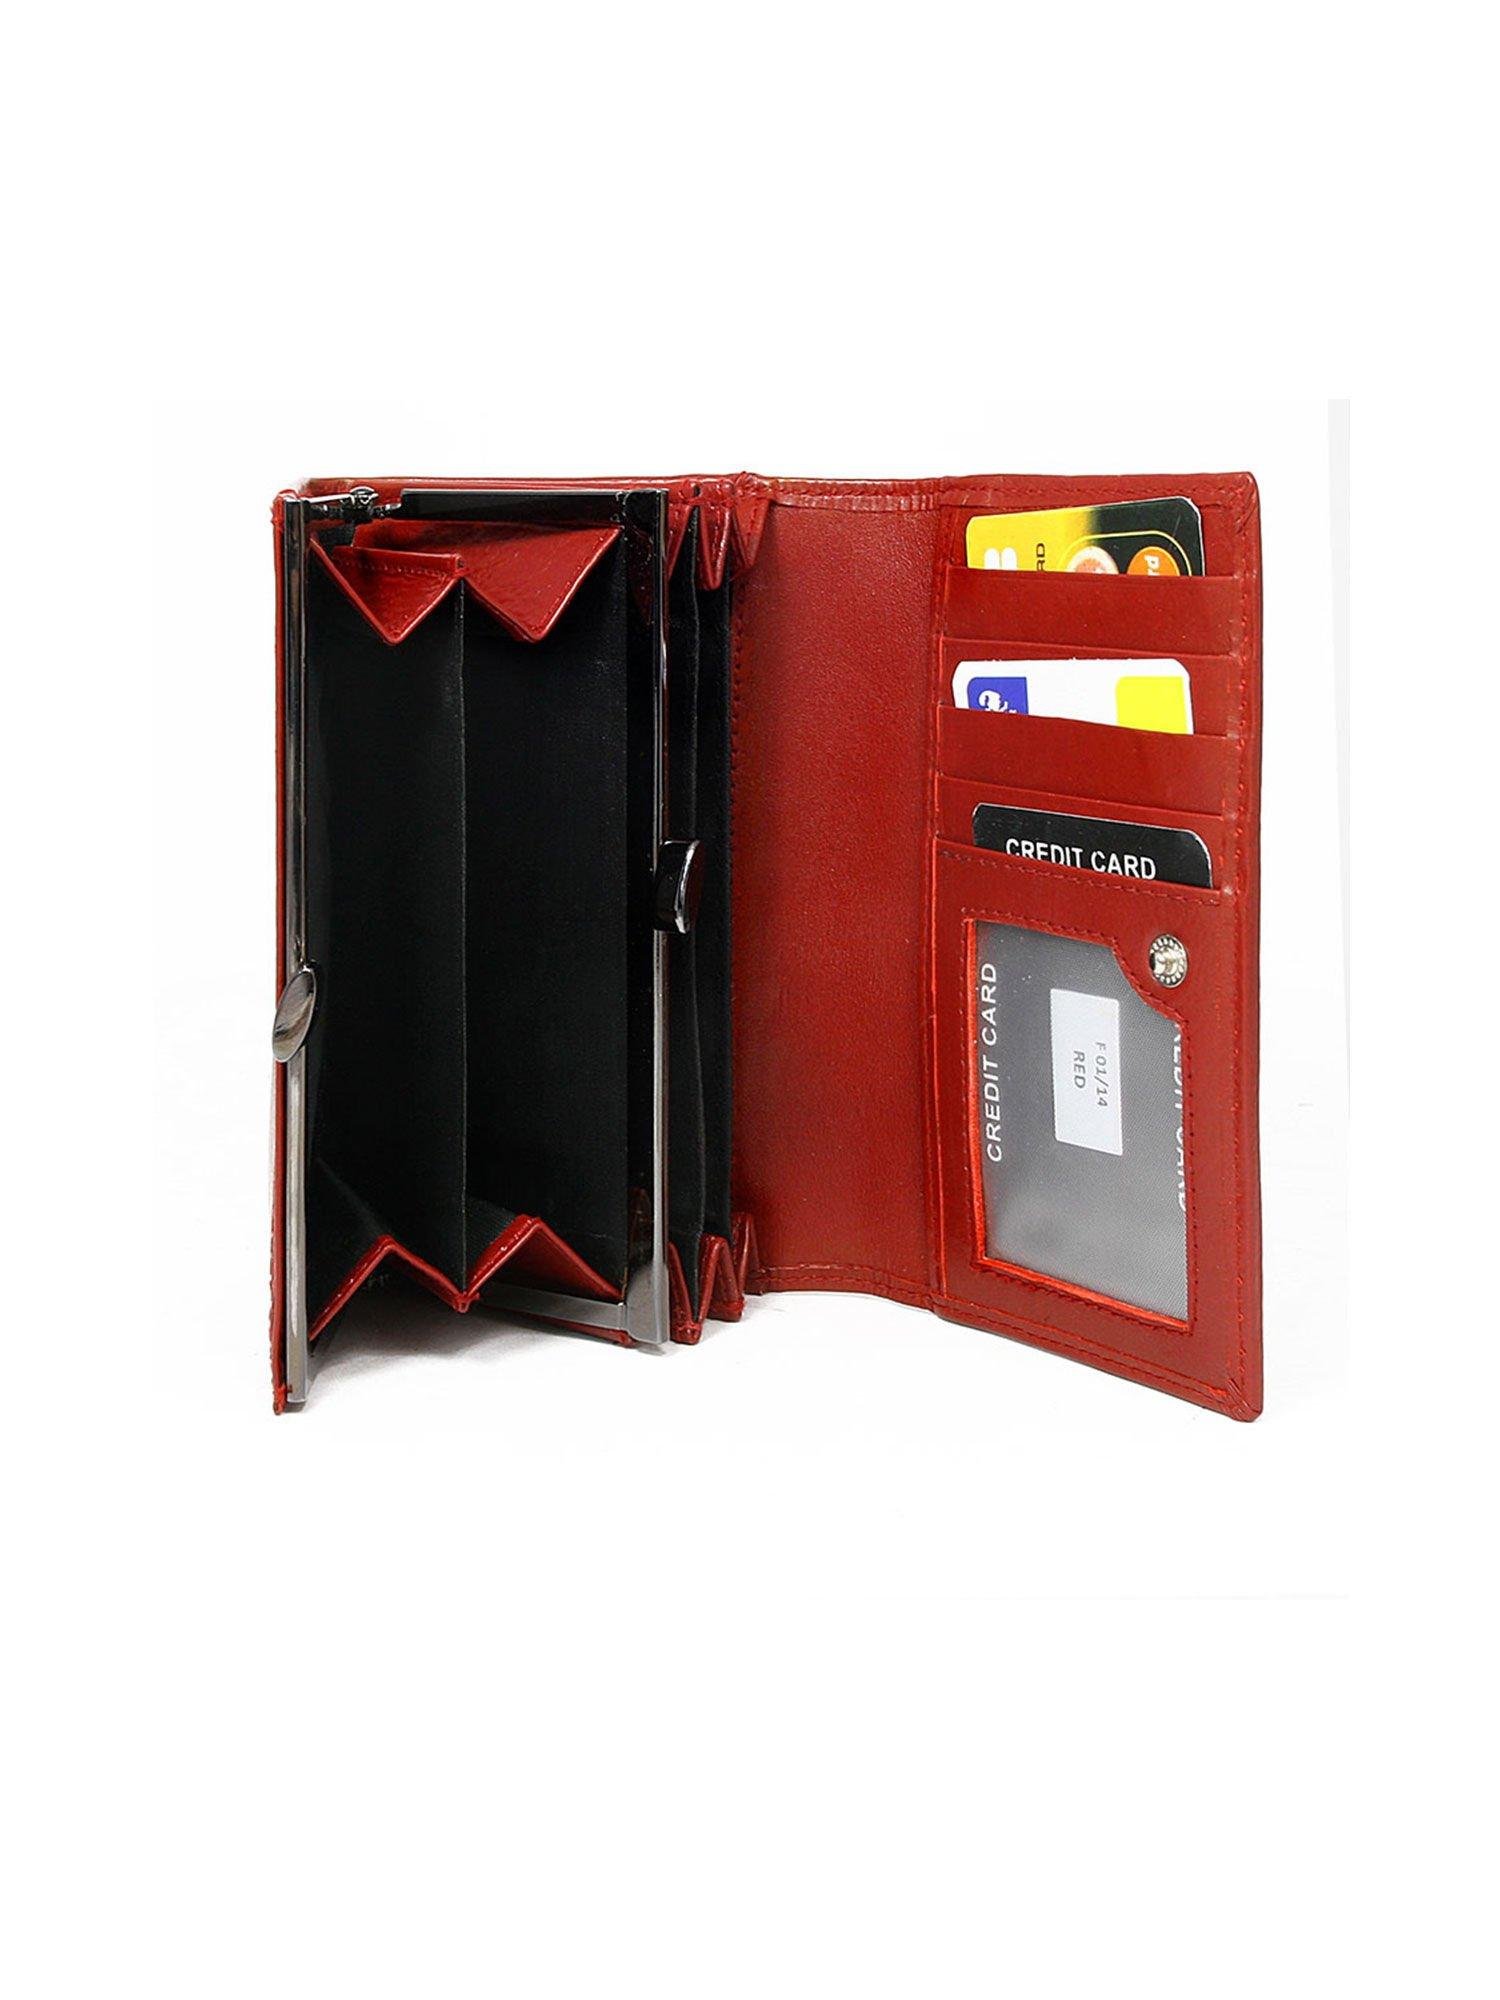 a5d7eb9febfce Skórzany czerwony portfel poziomy - Akcesoria portfele - sklep eButik.pl